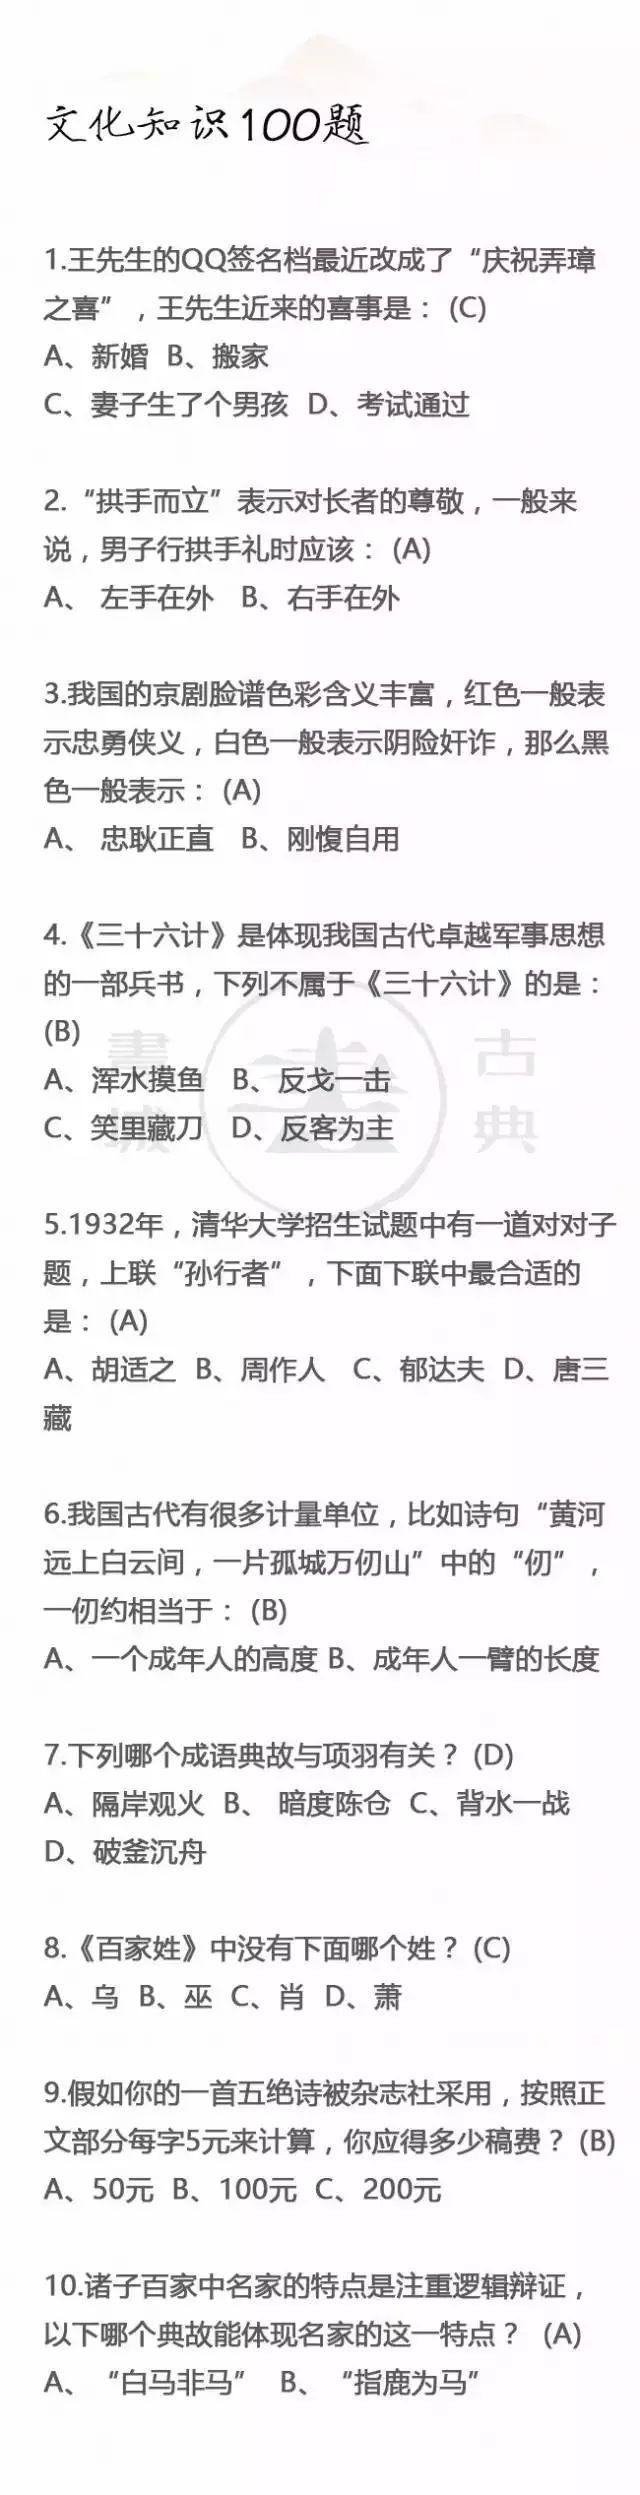 2018青岛小升初文化知识100题1_小升初试题_青岛奥数网